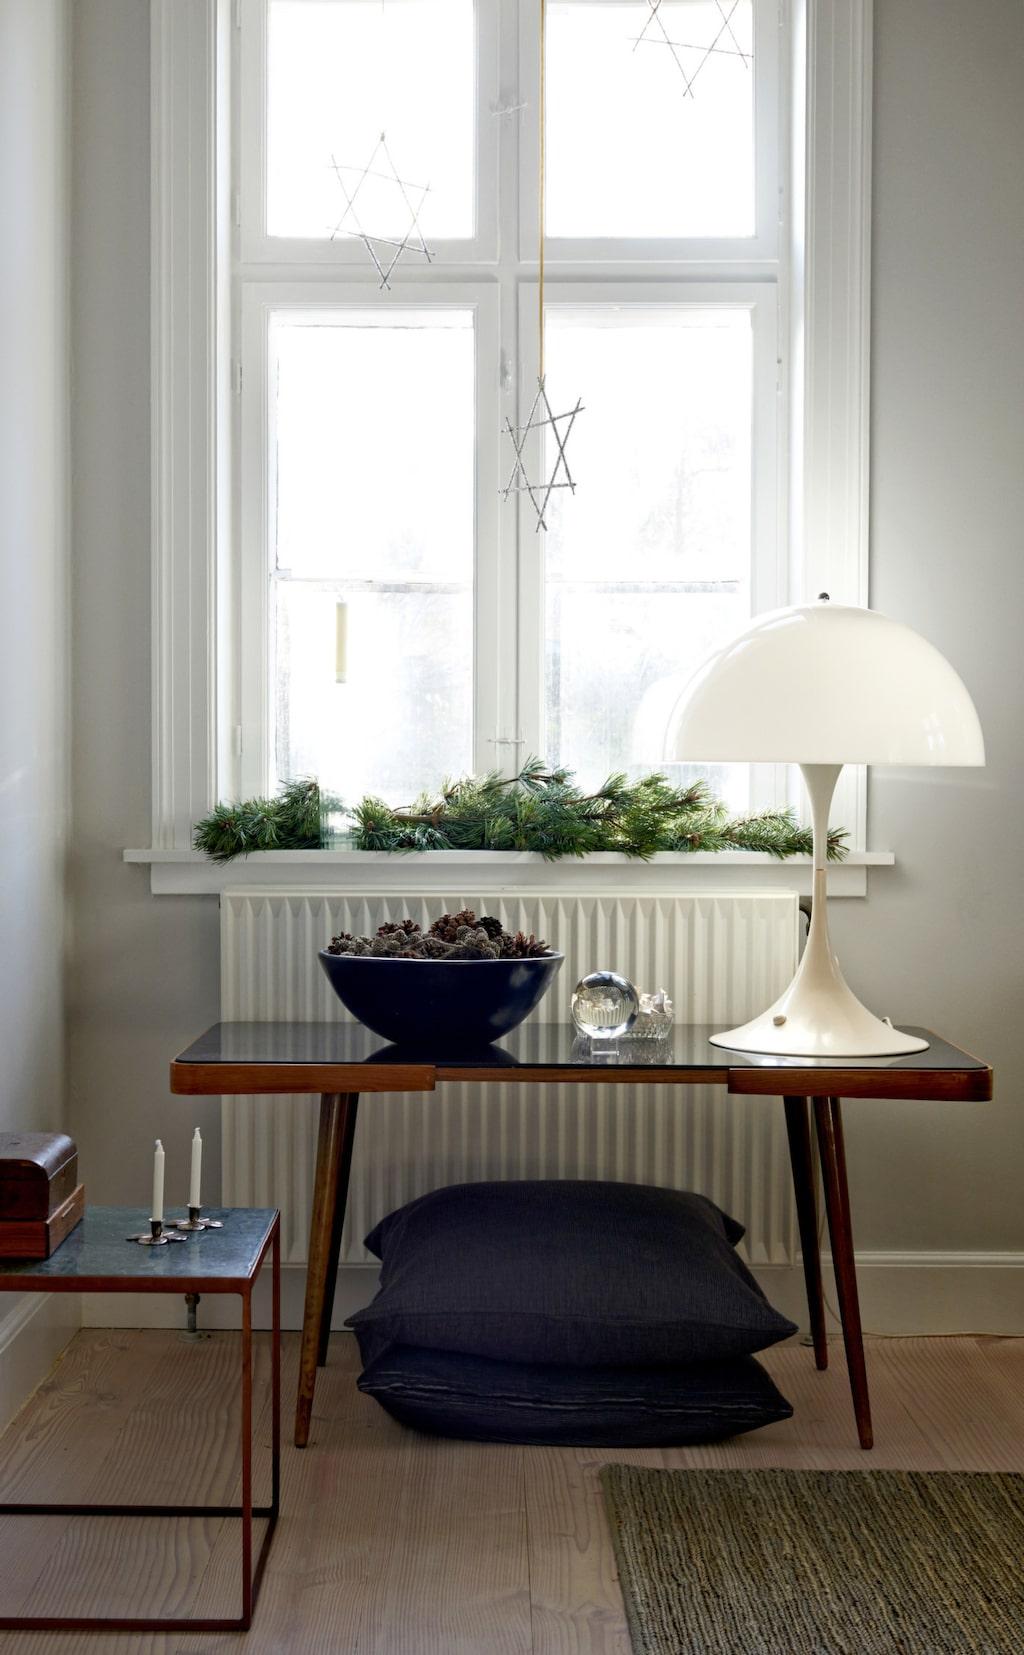 På det antika bordet står en stor skål med kottar och i fönstret ligger tallris. Lampan från Verner Panton är den klassiska Panthella.